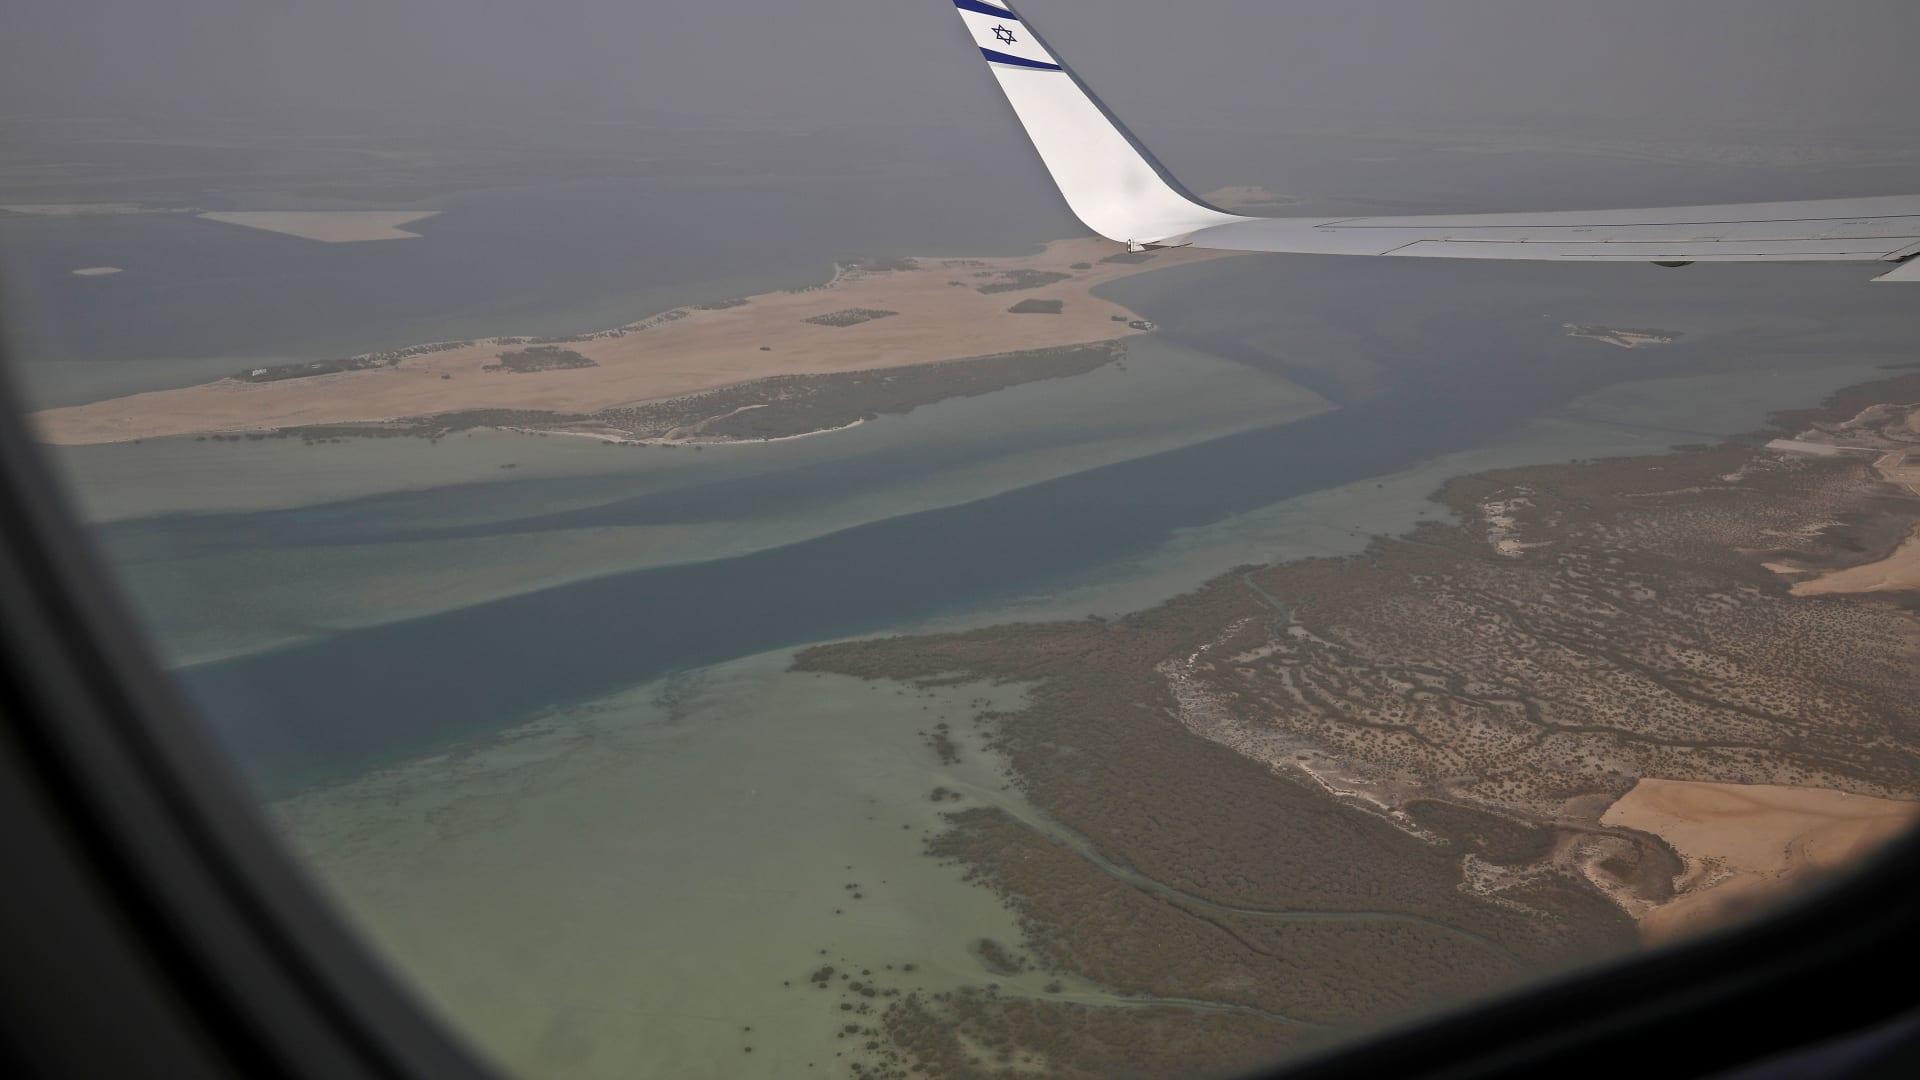 فوق أجواء المملكة العربية السعودية.. هذا ما قاله كوشنر للصحفيين على متن الطائرة